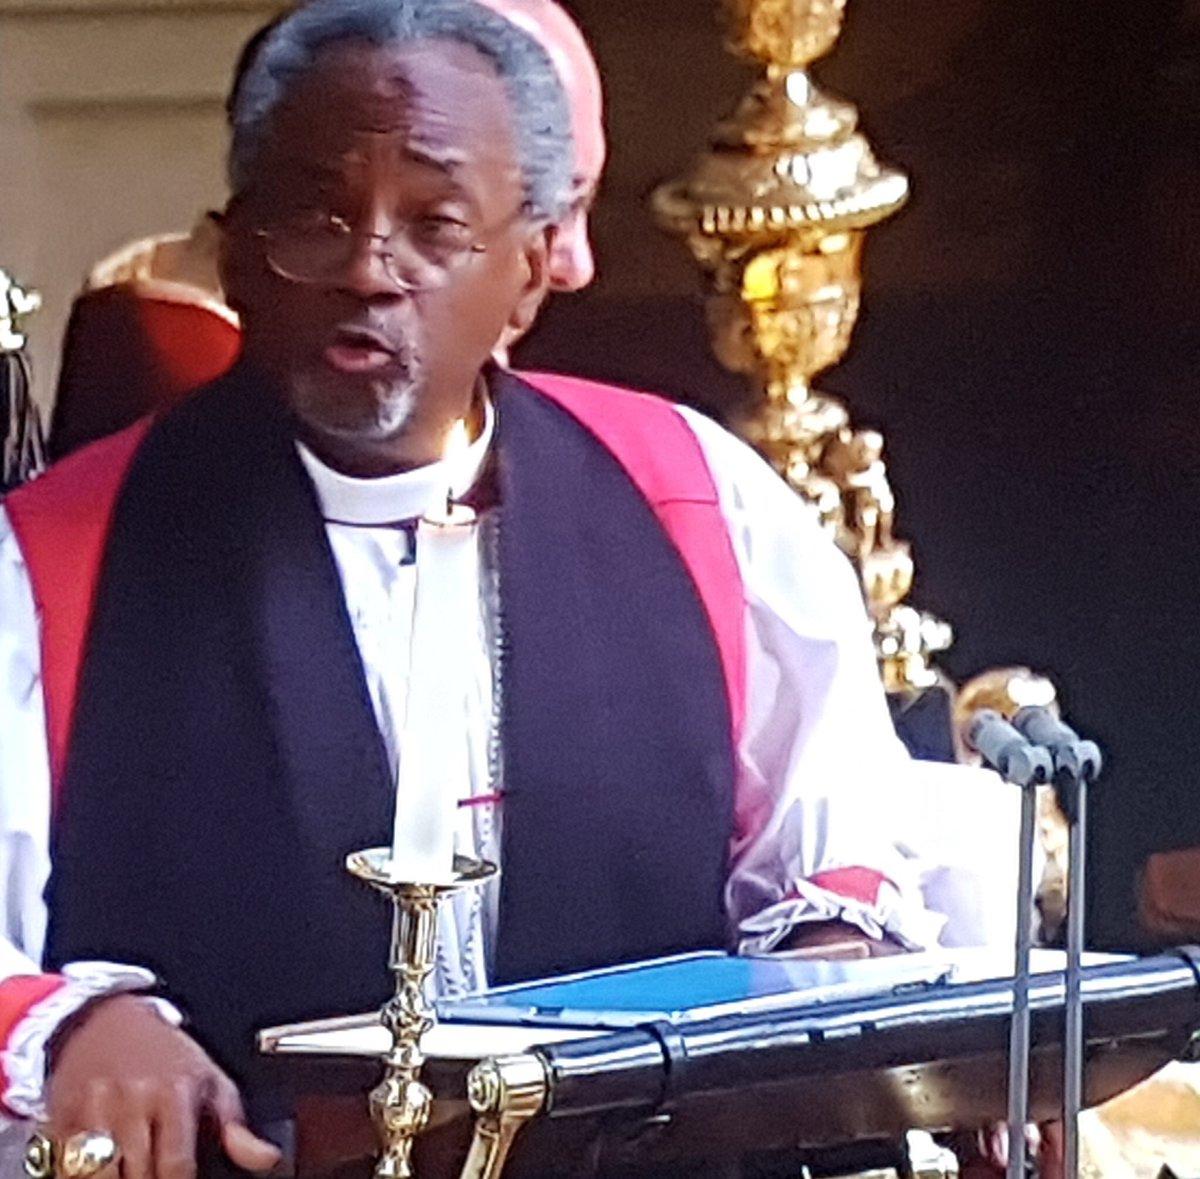 Dorable Hombre De Graduación Se Adapte A Reino Unido Bosquejo ...